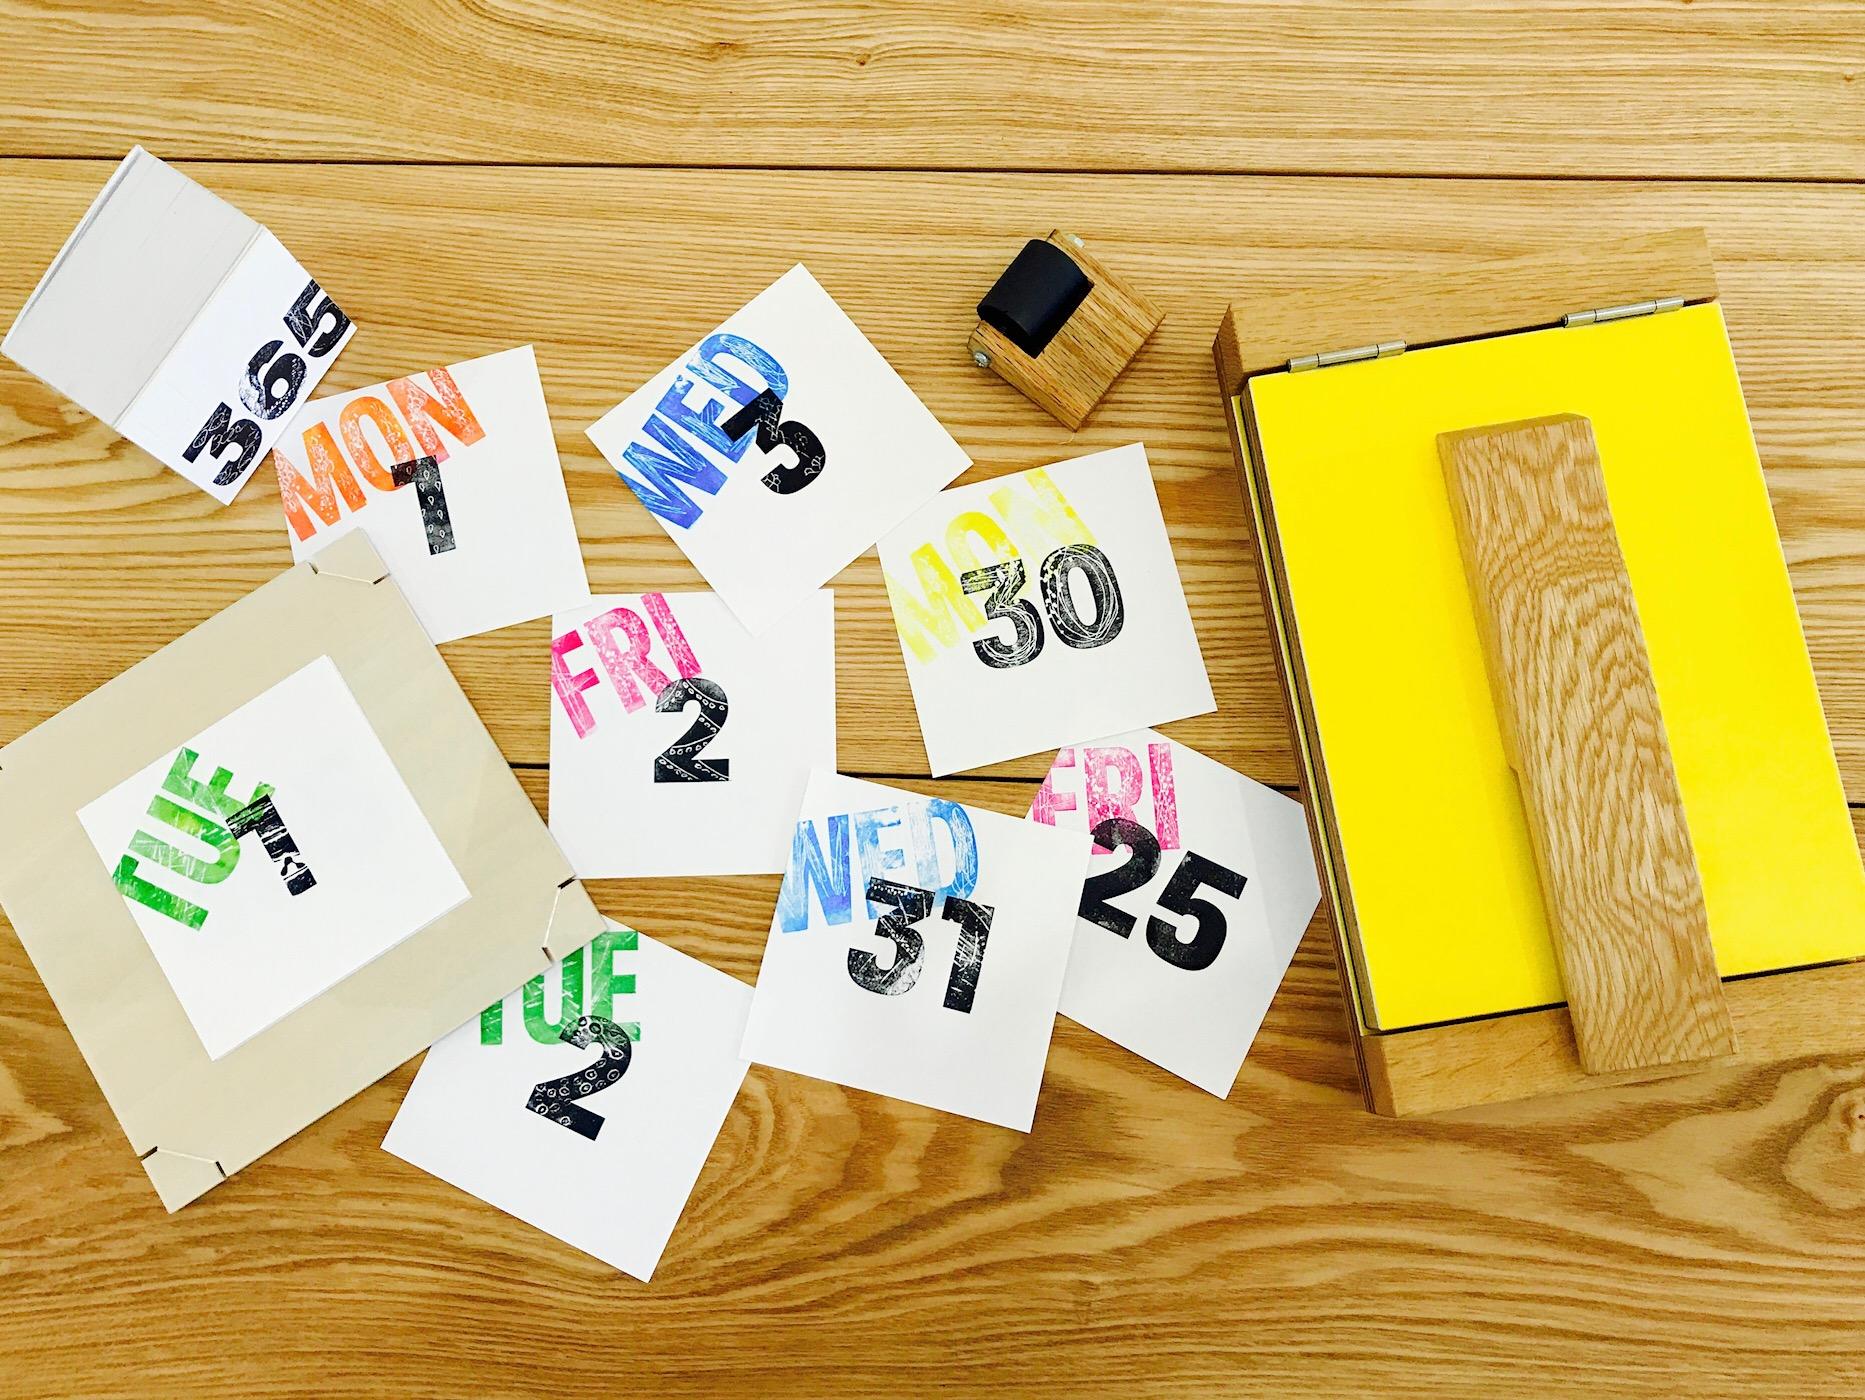 『紙で紙に刷る!?紙活字®ワークショップ』